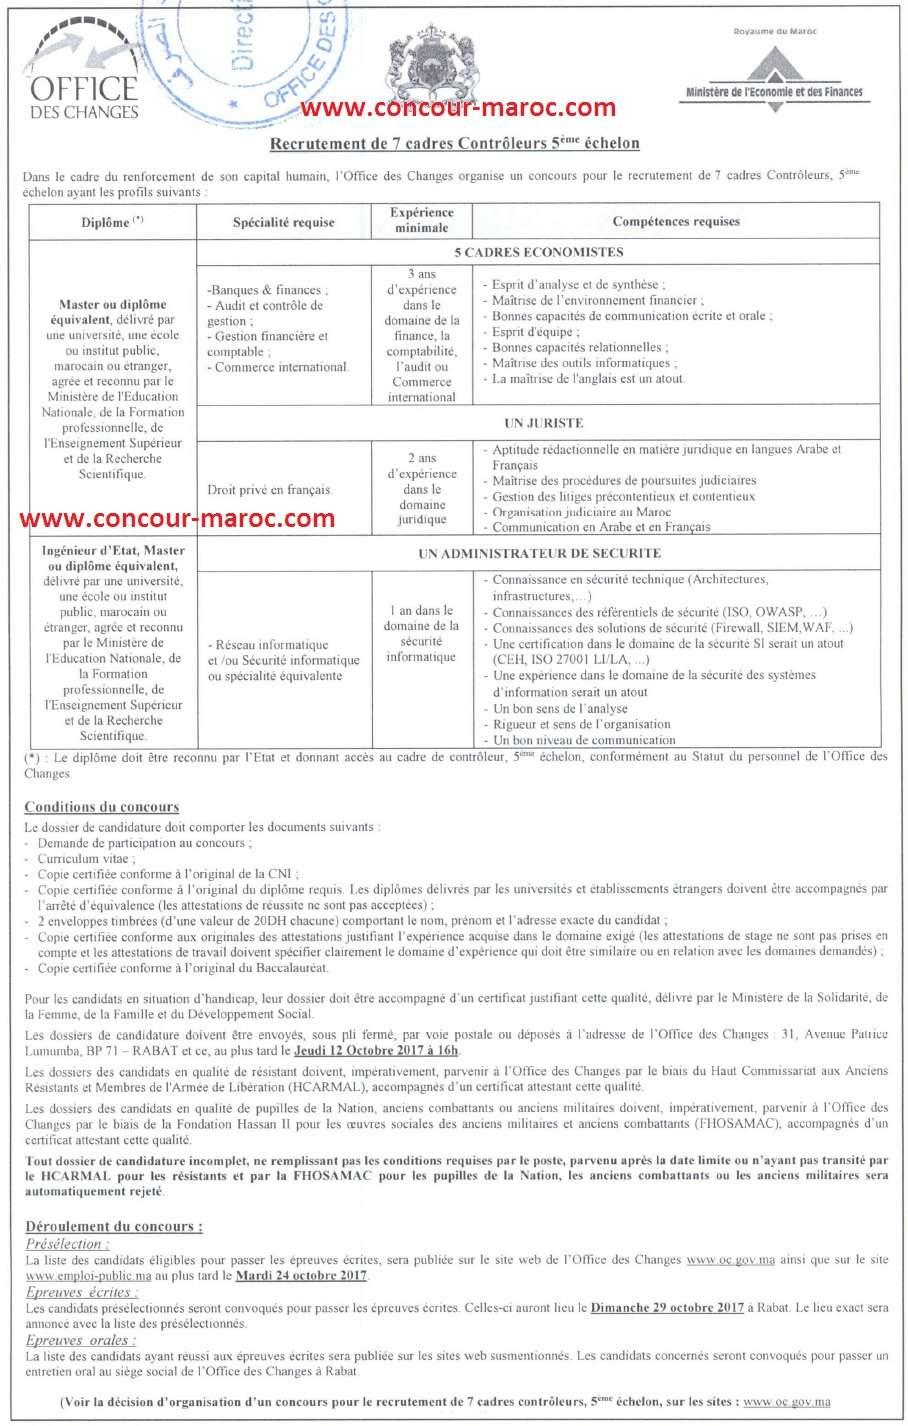 مكتب الصرف : مباراة لتوظيف أطر (7 مناصب) آخر أجل 12 أكتوبر 2017  Conco113